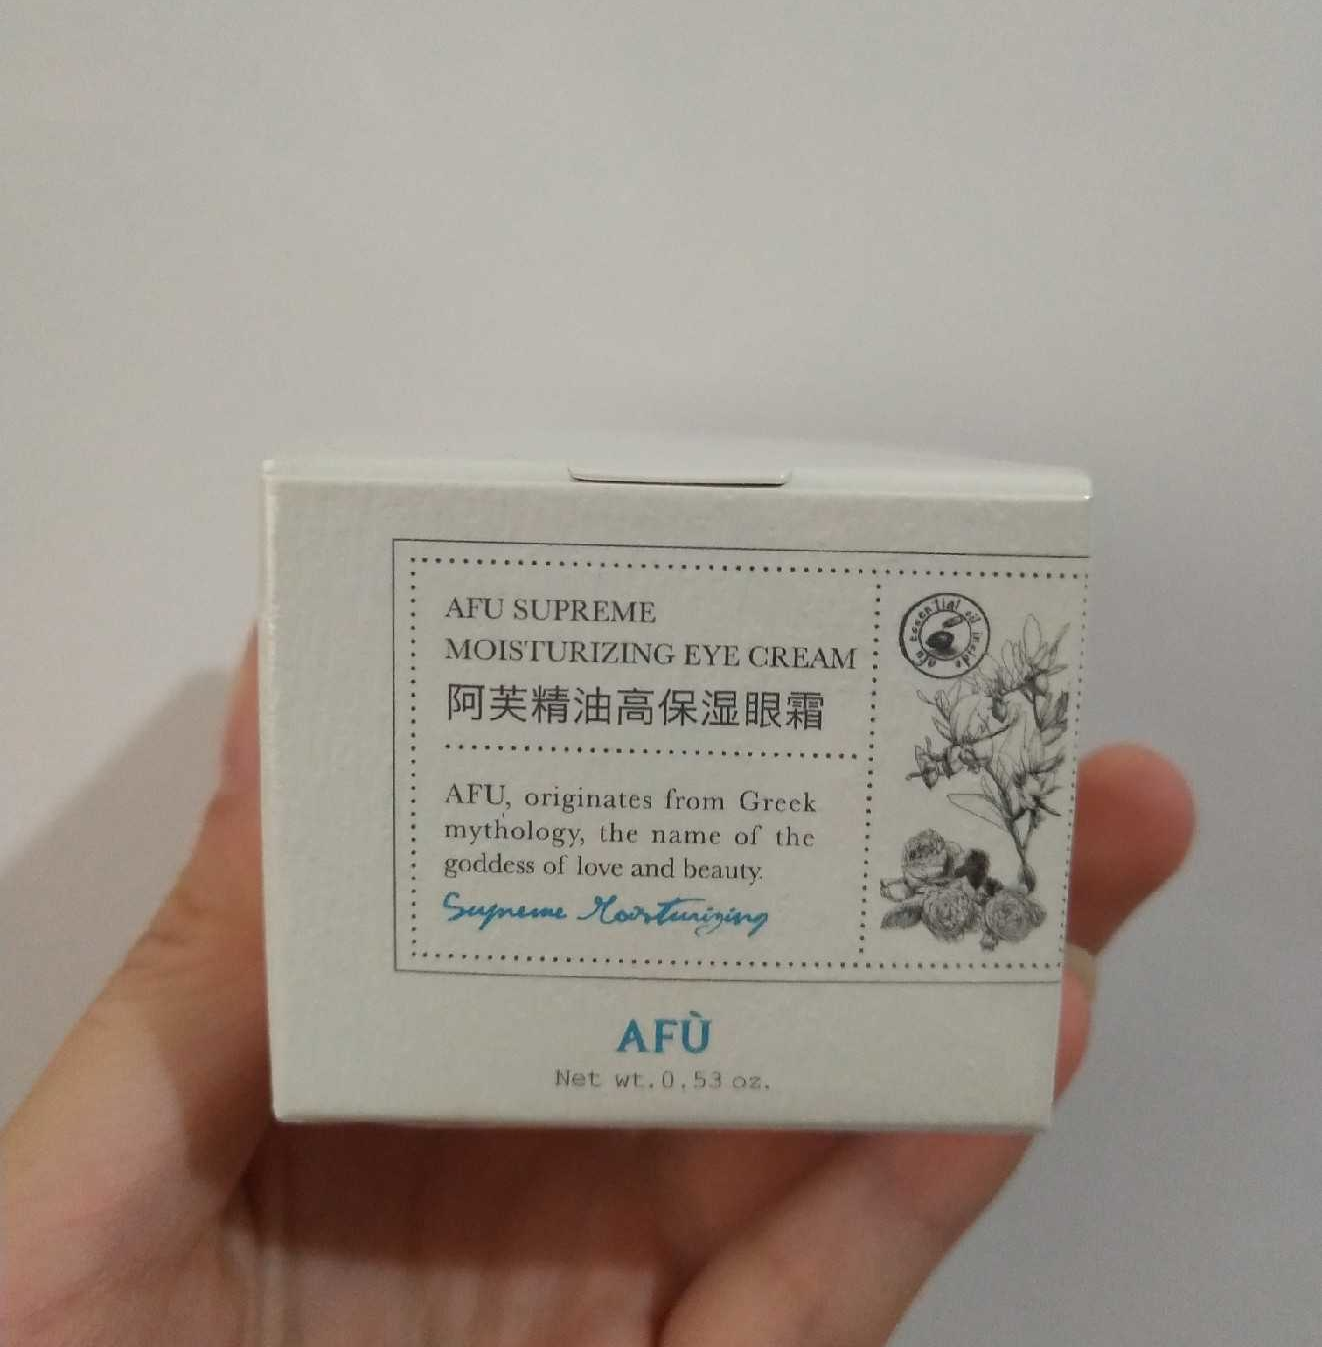 Afu Essential Oil Moisturizing Eye Cream 15g